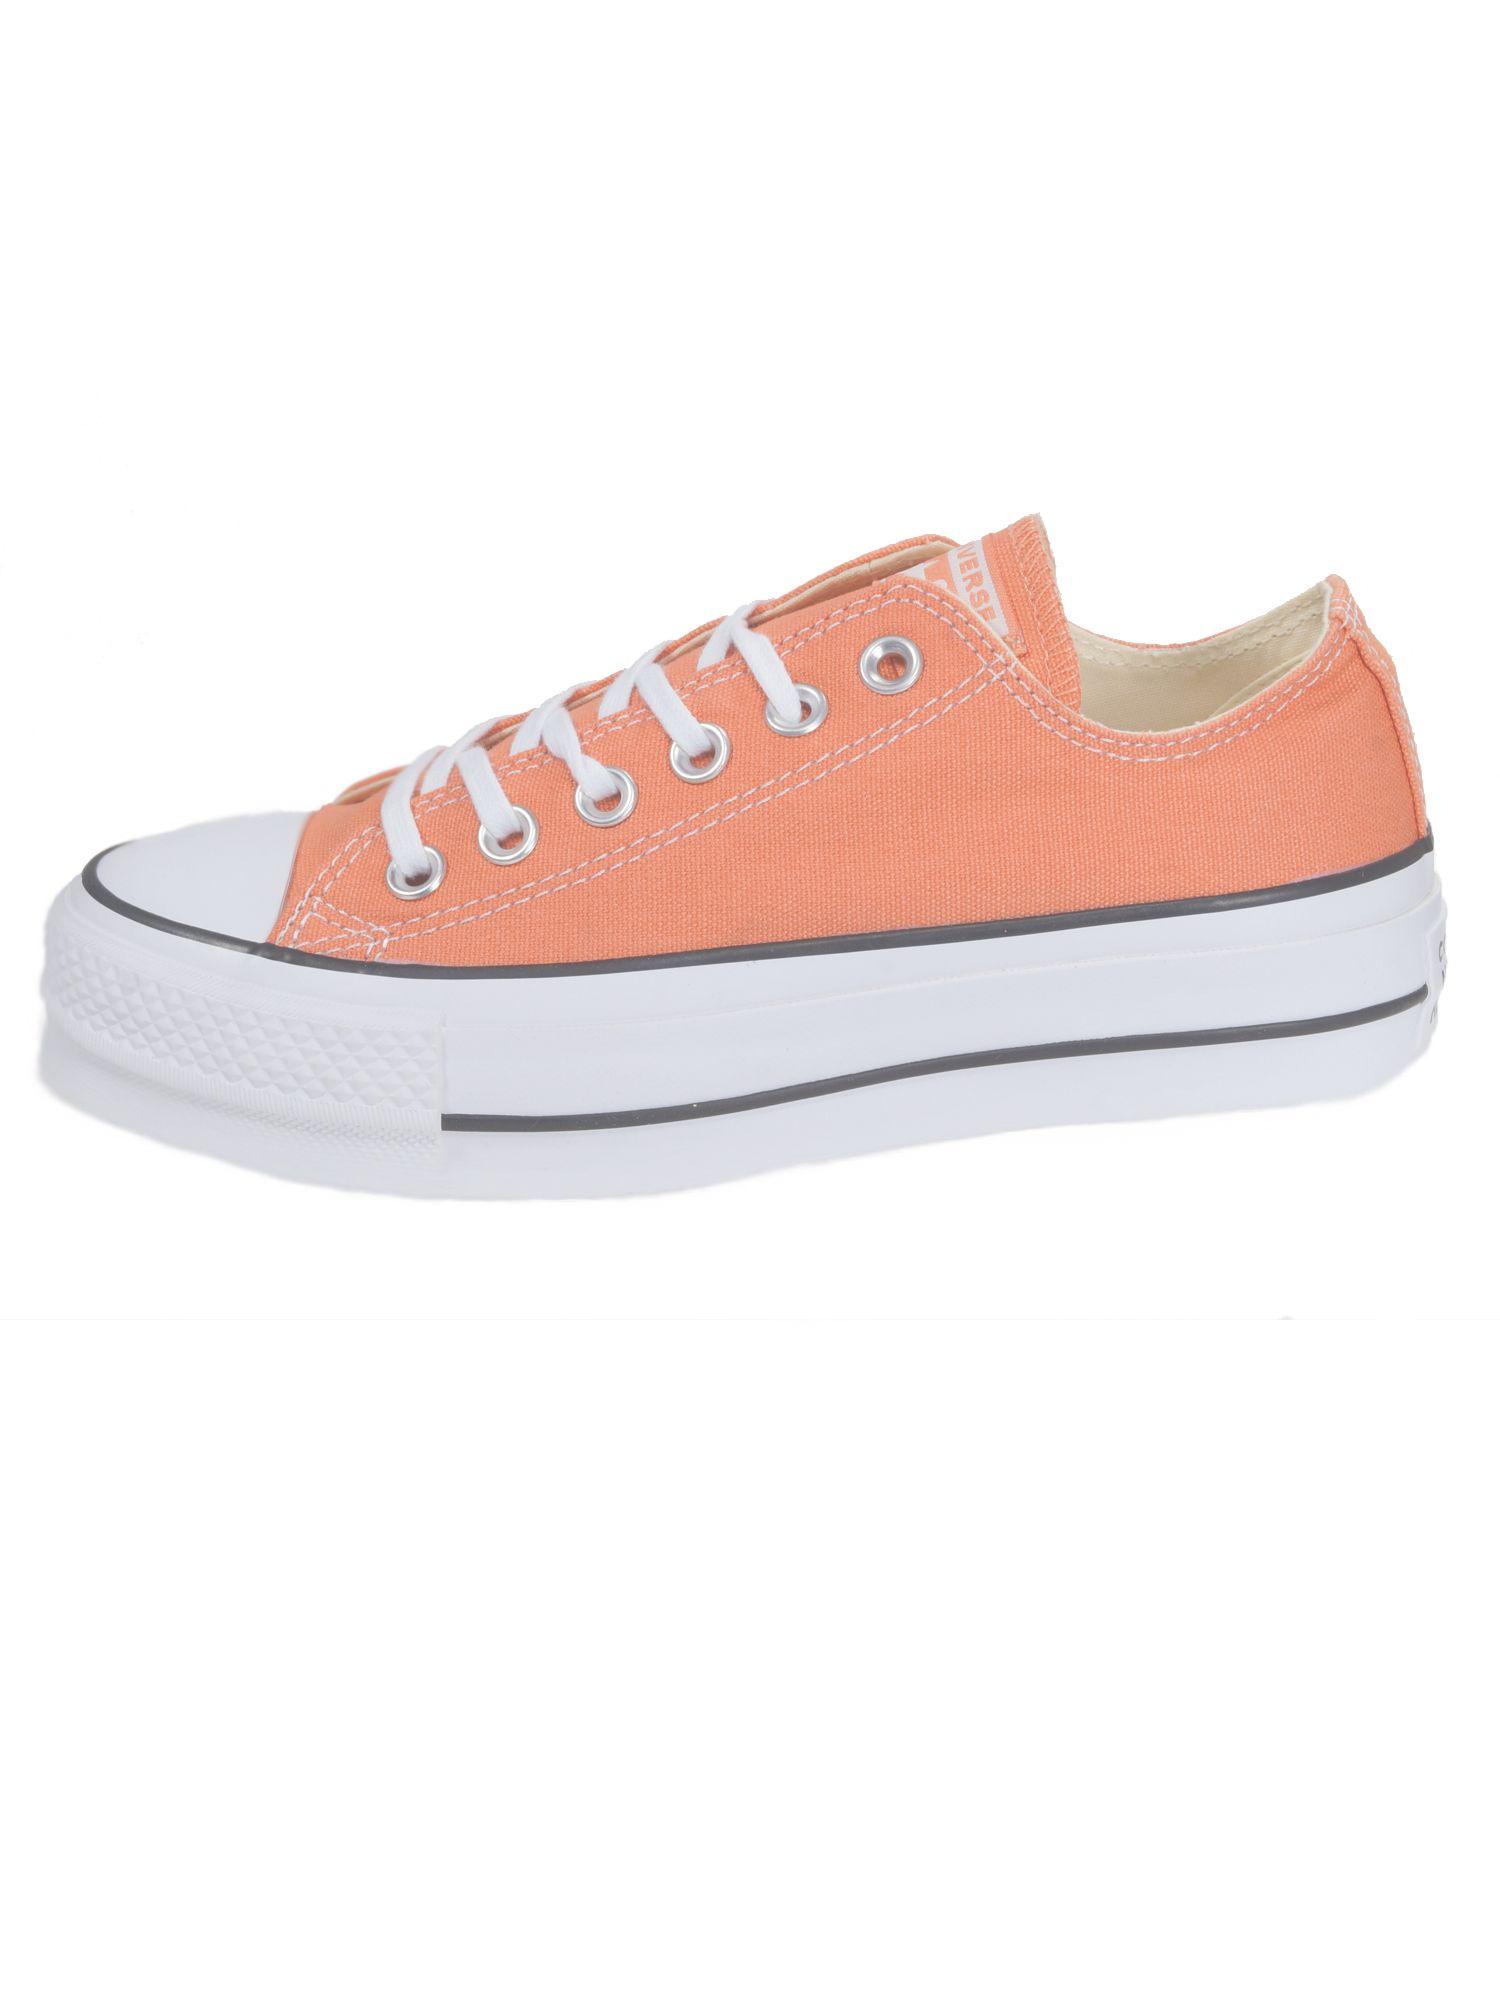 Converse Damen Schuhe CT All Star Lift Ox Schwarz Leinen